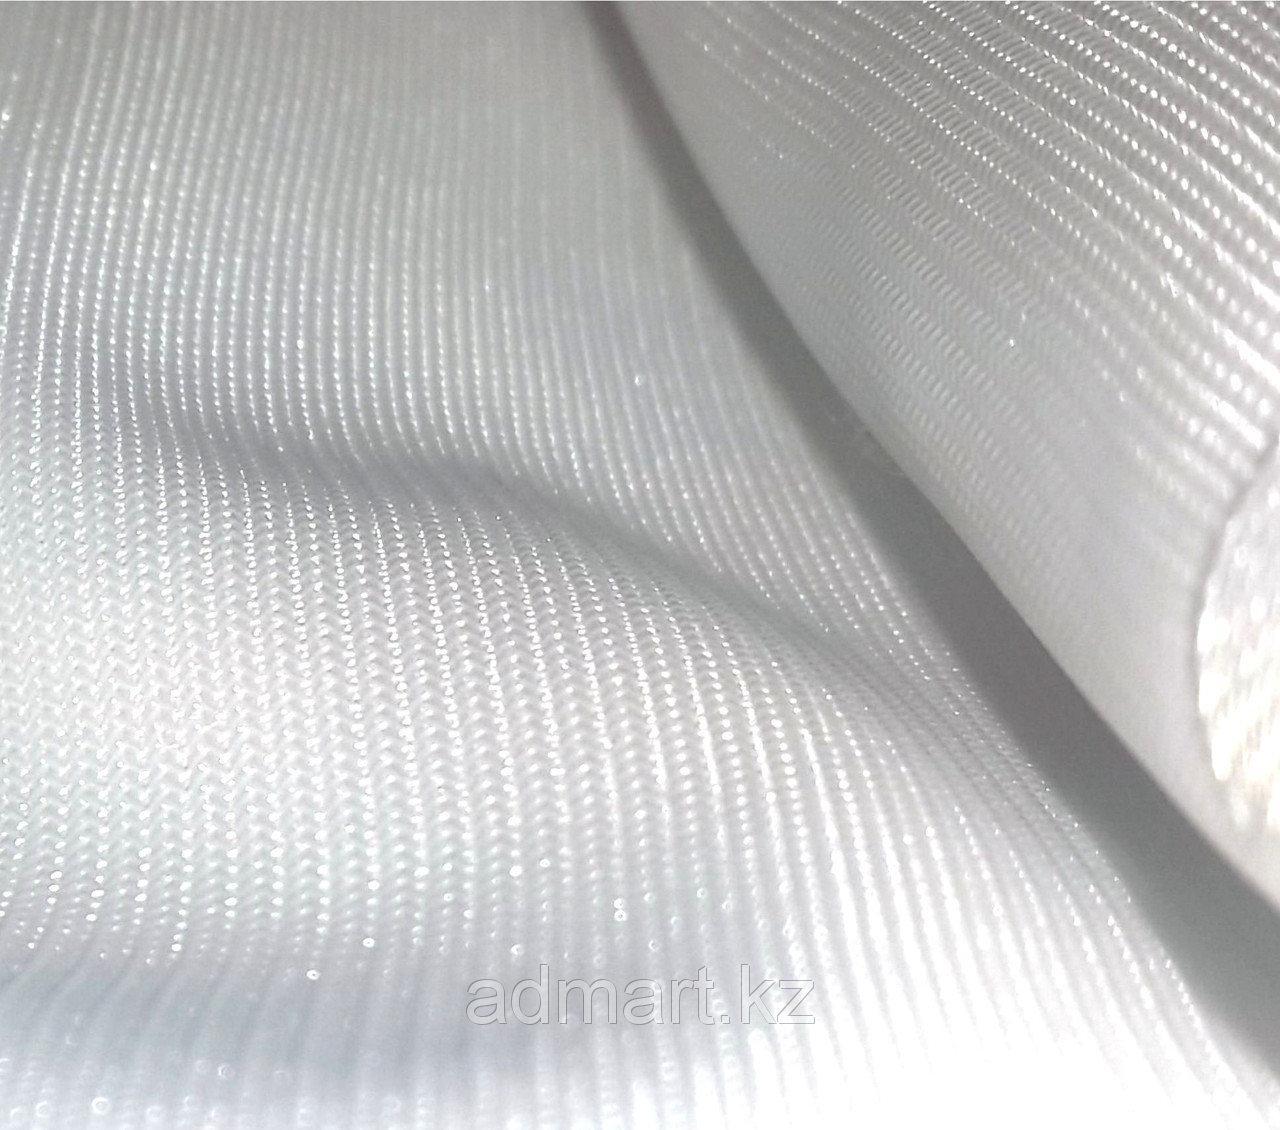 Ткань сетка для сублимации 1,6м (Полиэстэр) 150G NEW